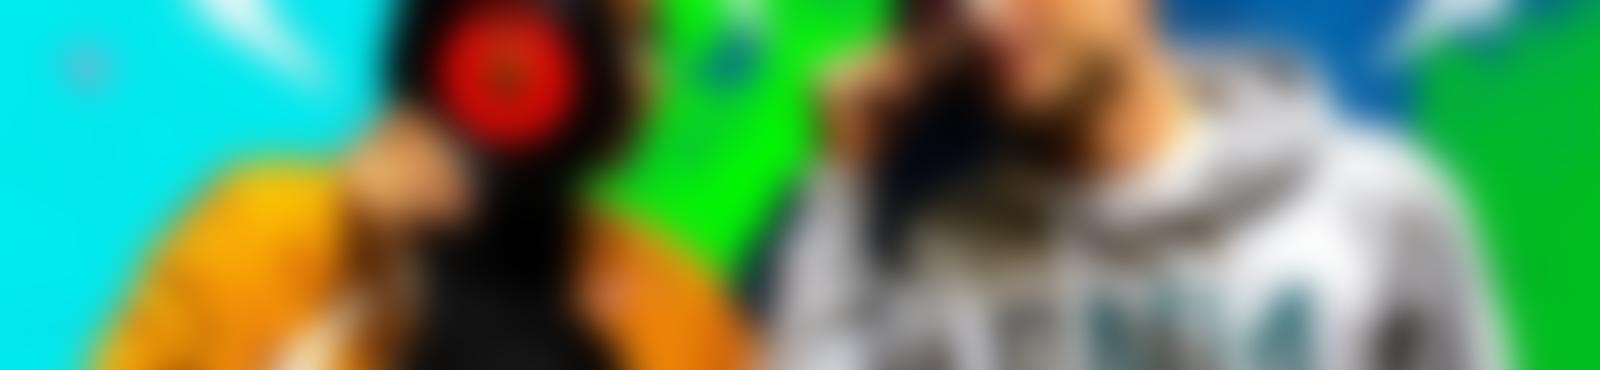 Blurred bc2ac18c 5621 404e ad5a baa4607345fa